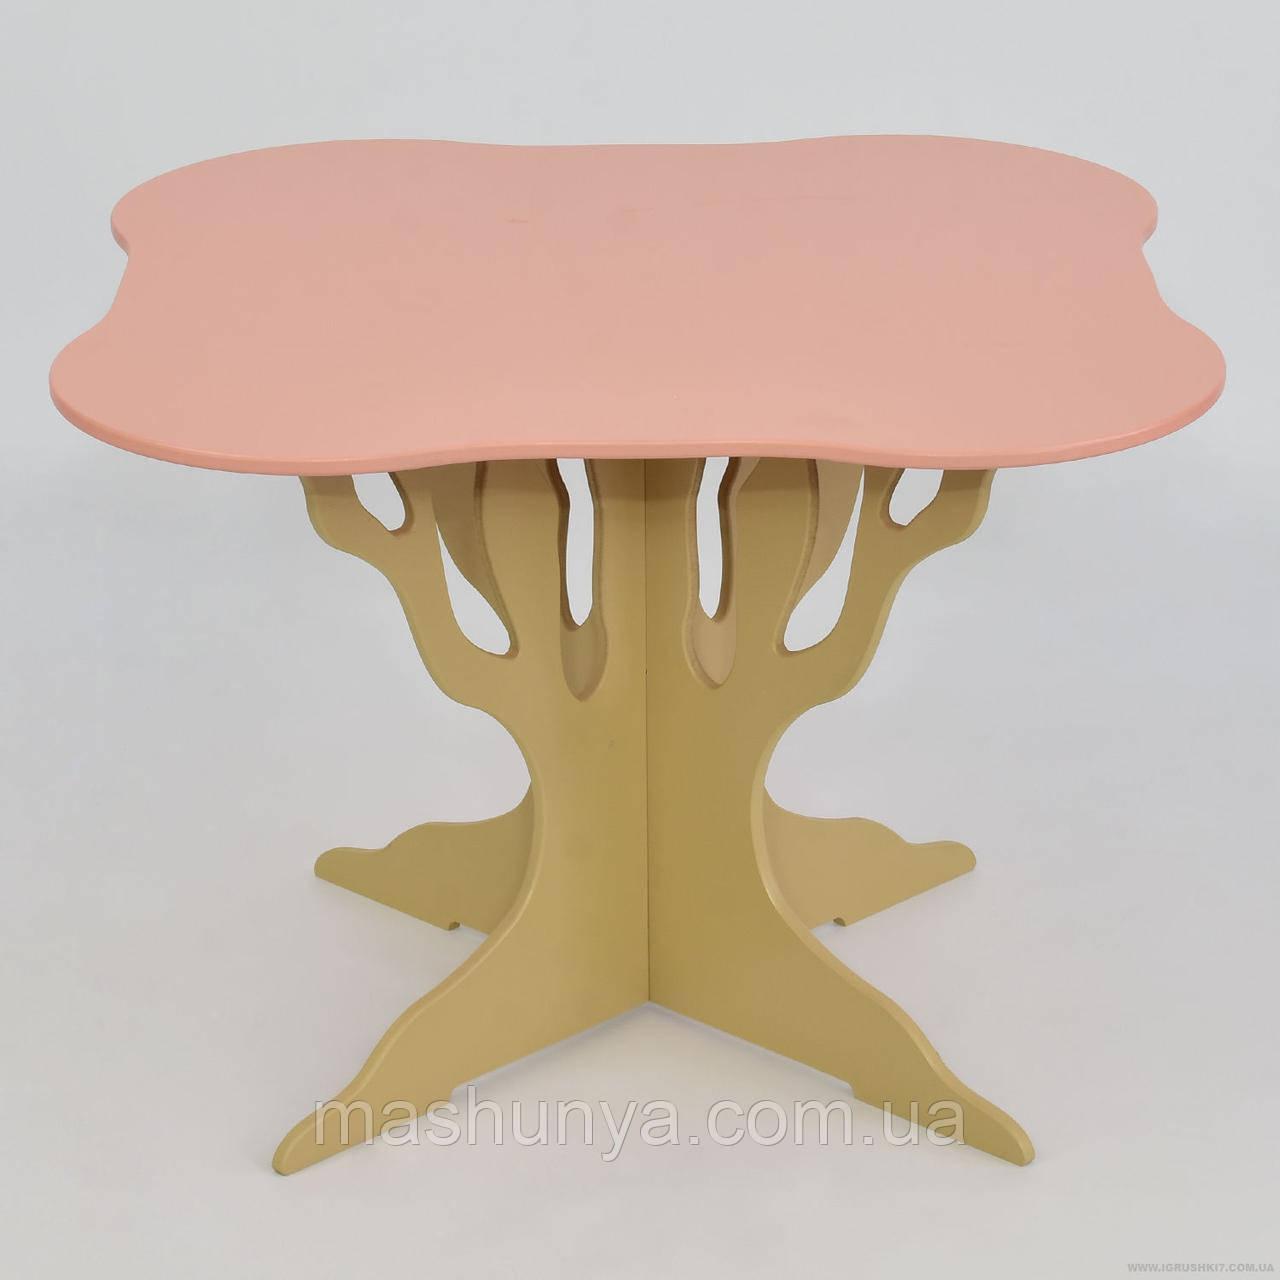 Стол - дерево Мася из ДСП 65*64*45 см